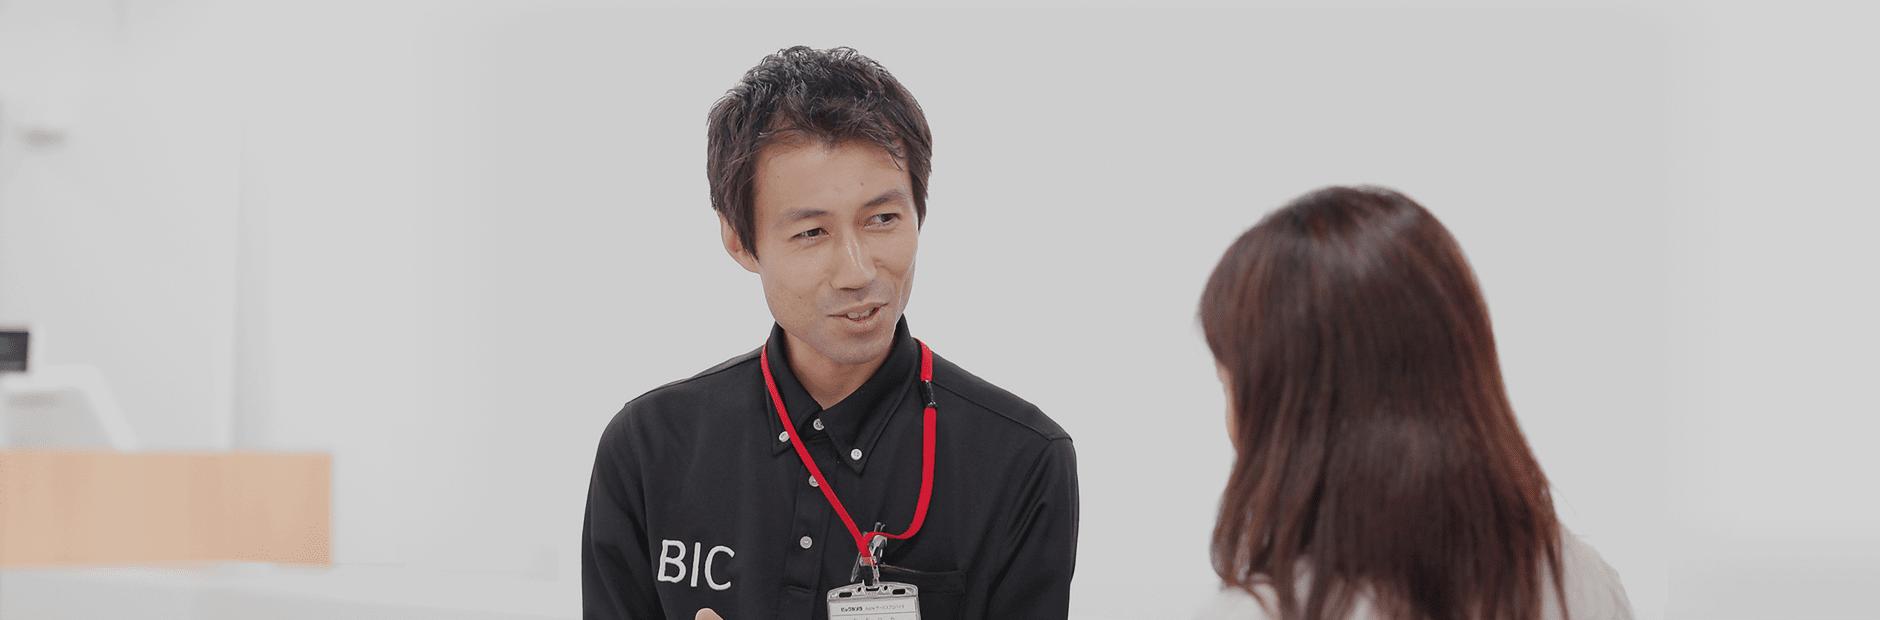 BIC 修理サービス 渋谷店